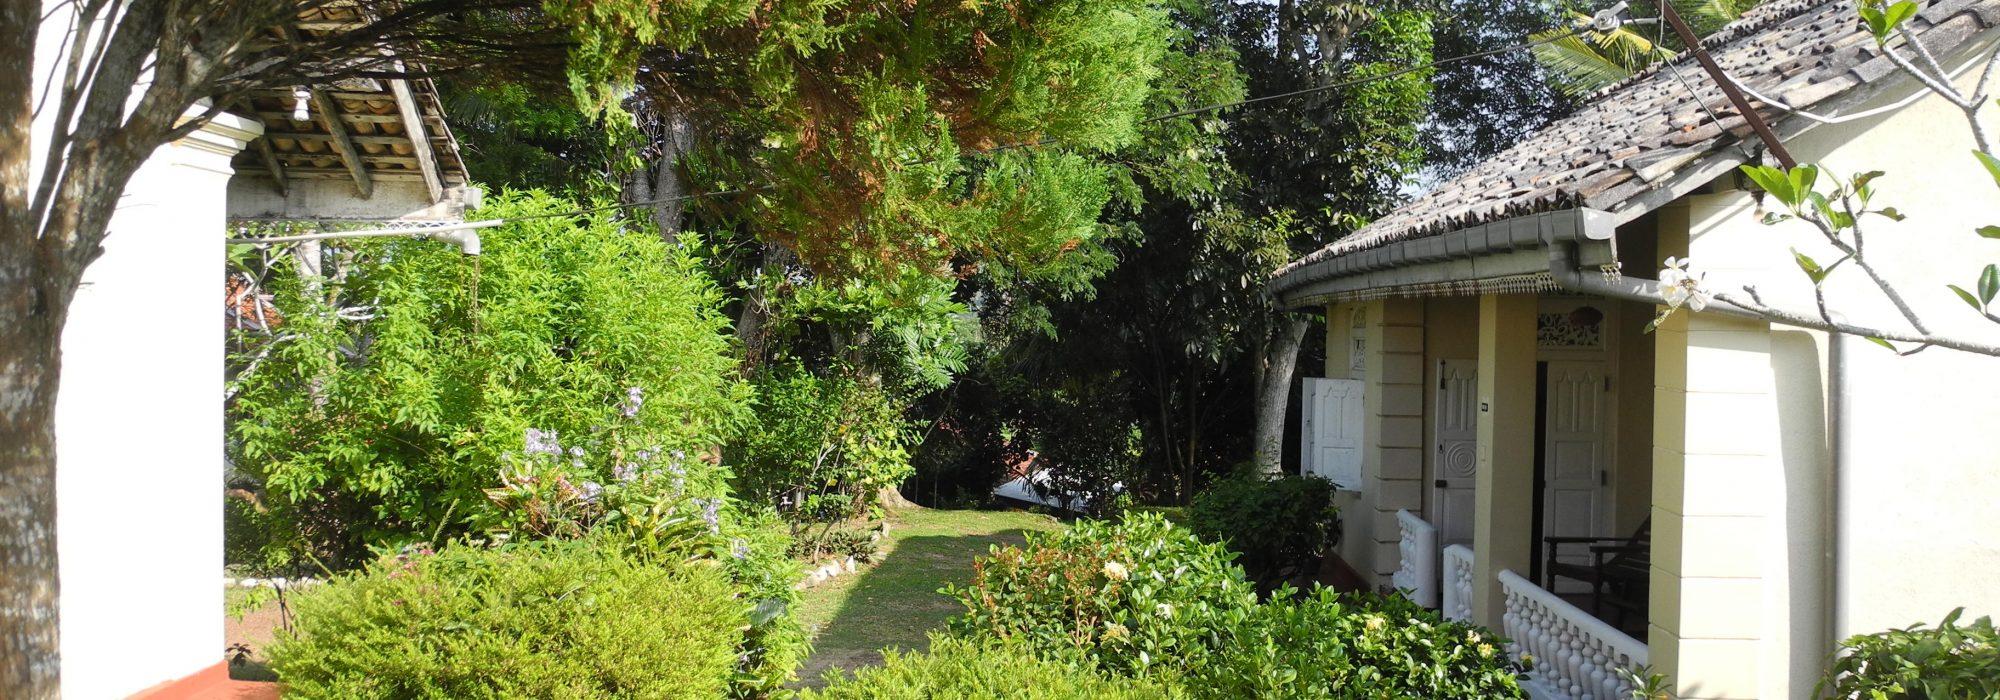 villa1garden